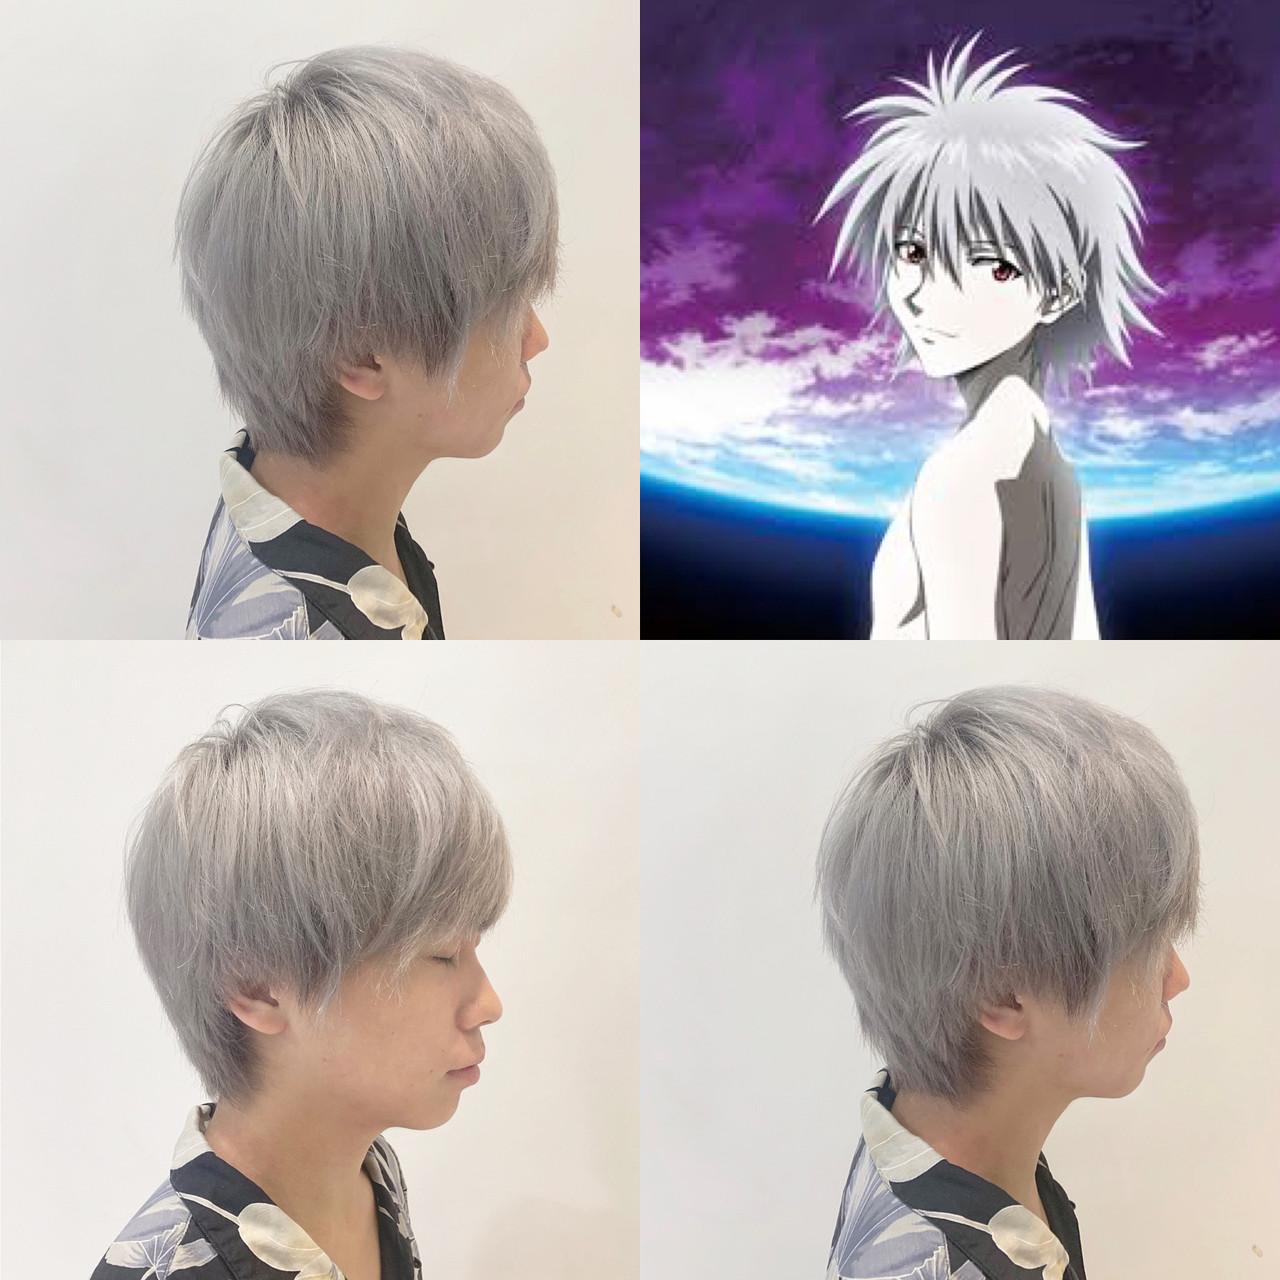 ホワイトカラー ハイトーン ストリート ショート ヘアスタイルや髪型の写真・画像 | ✨daichi✨ 異次元カラー / TAYA/カペリプントニューヨーク